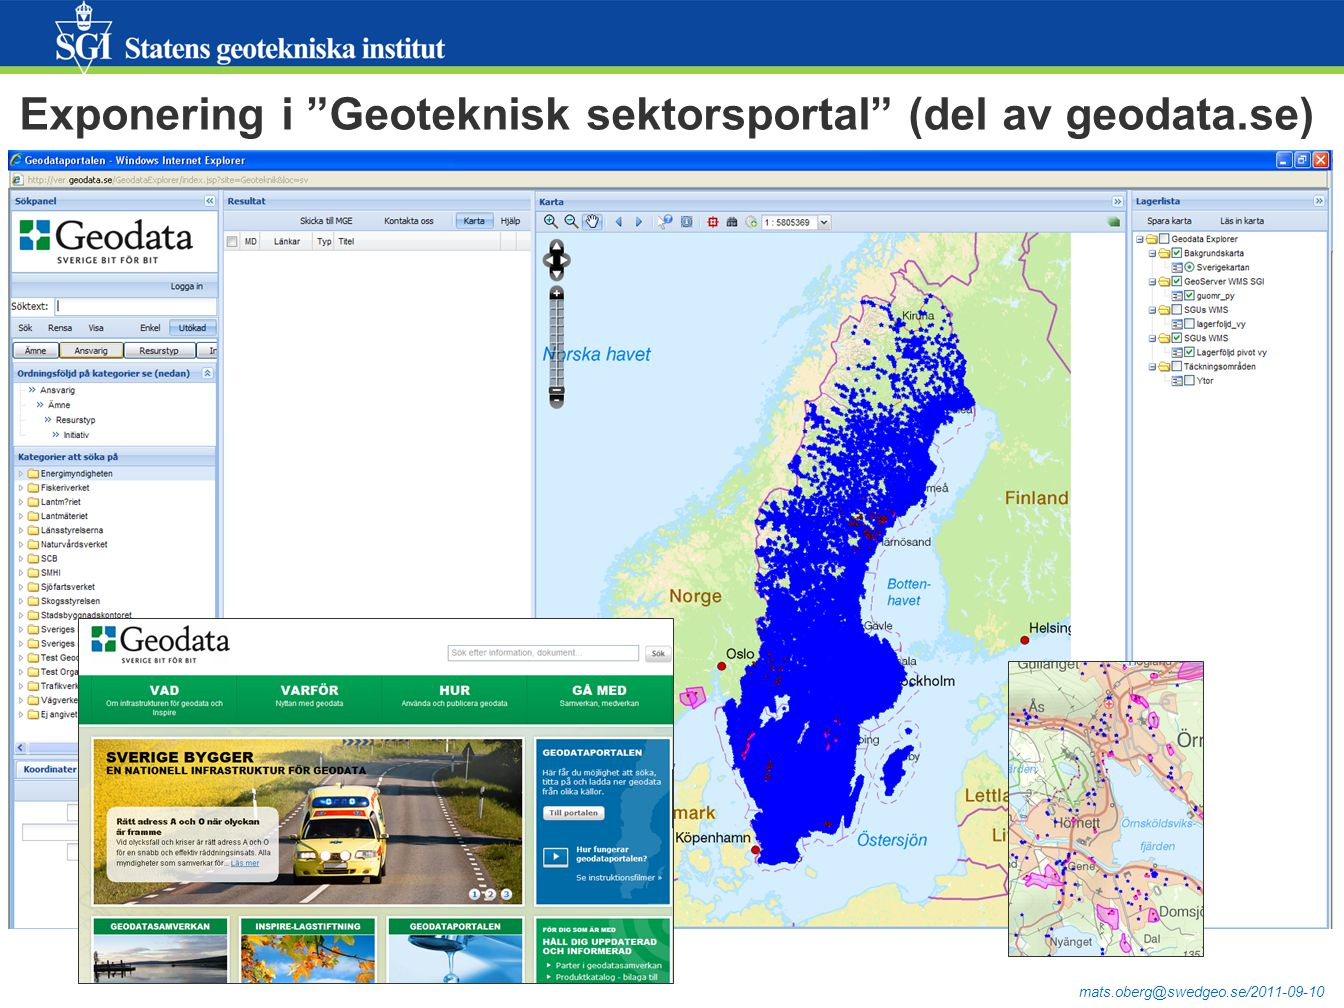 mats.oberg@swedgeo.se/2011-09-10 Exponering i Geoteknisk sektorsportal (del av geodata.se)